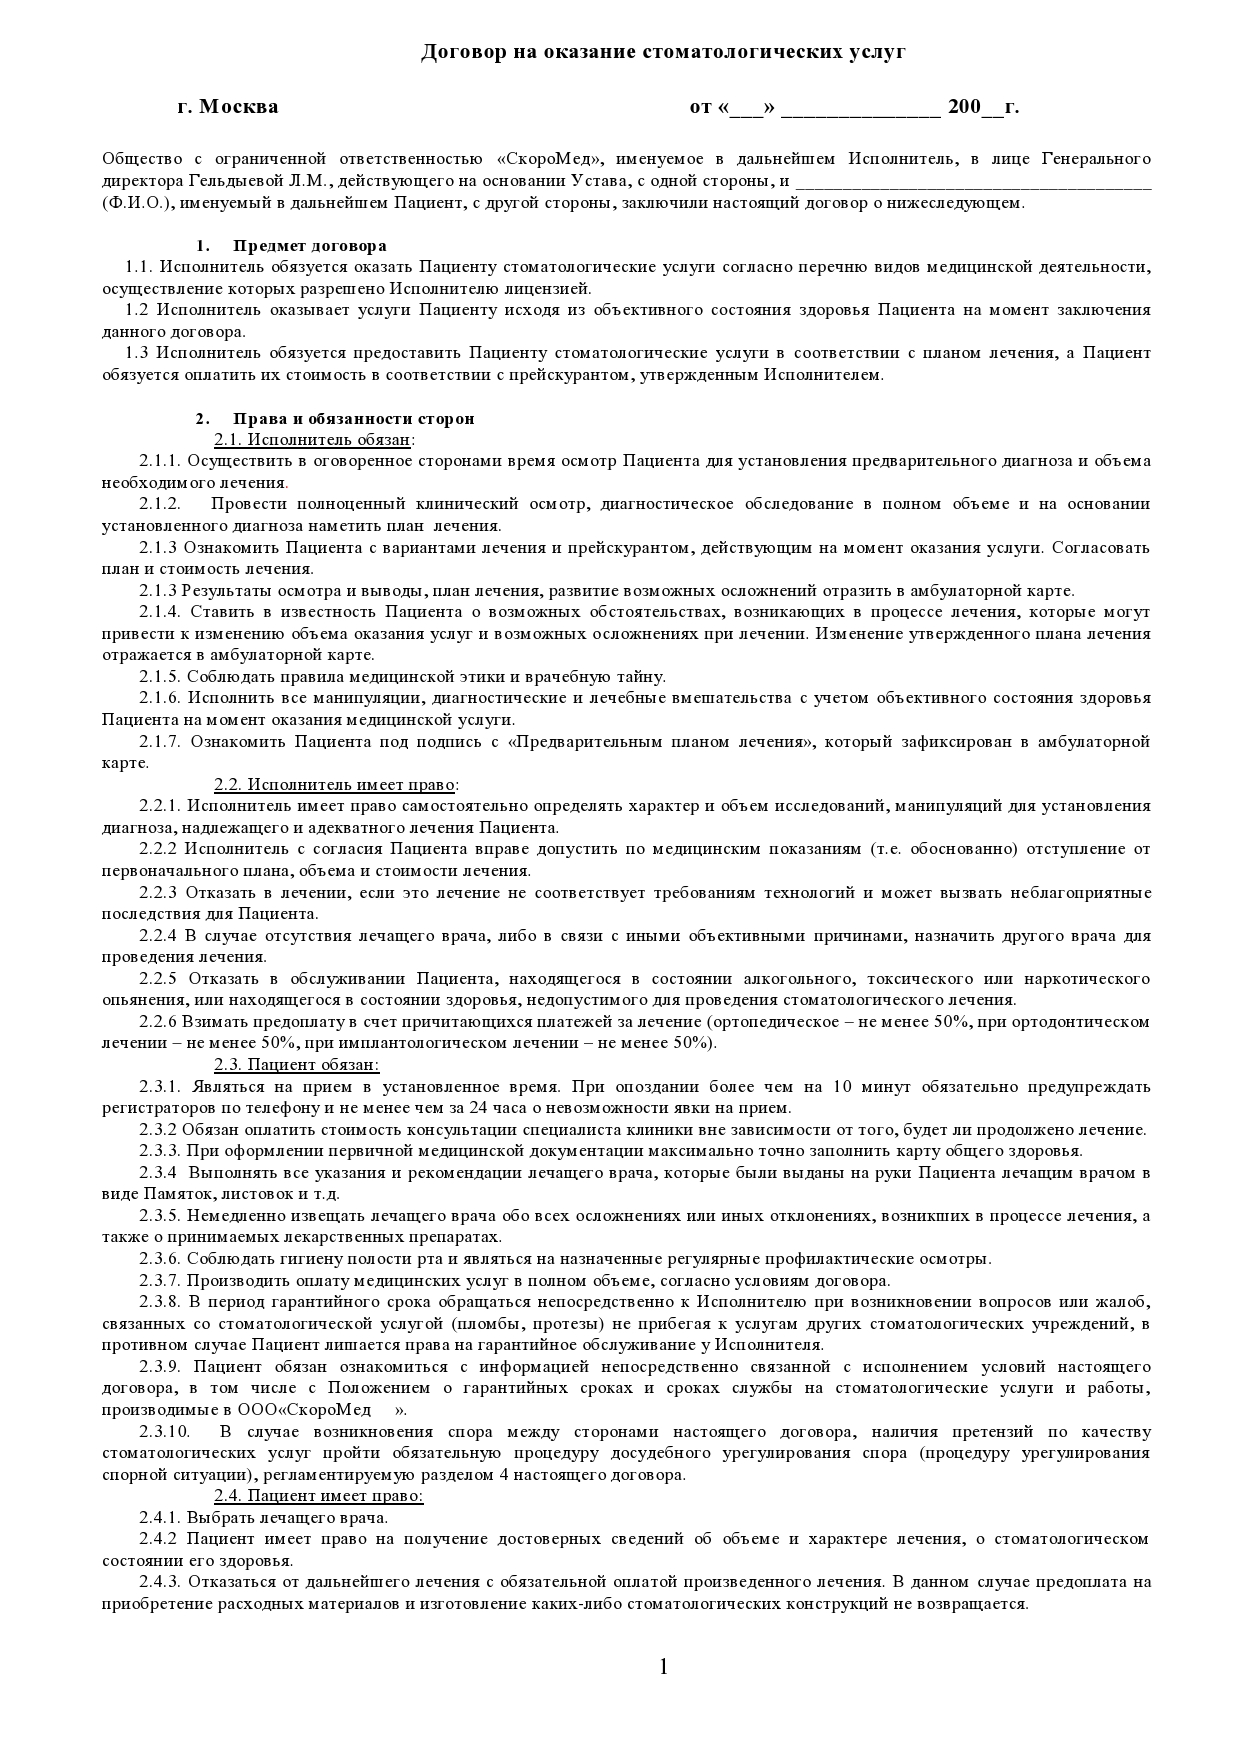 Договор на стоматологические услуги страница 1